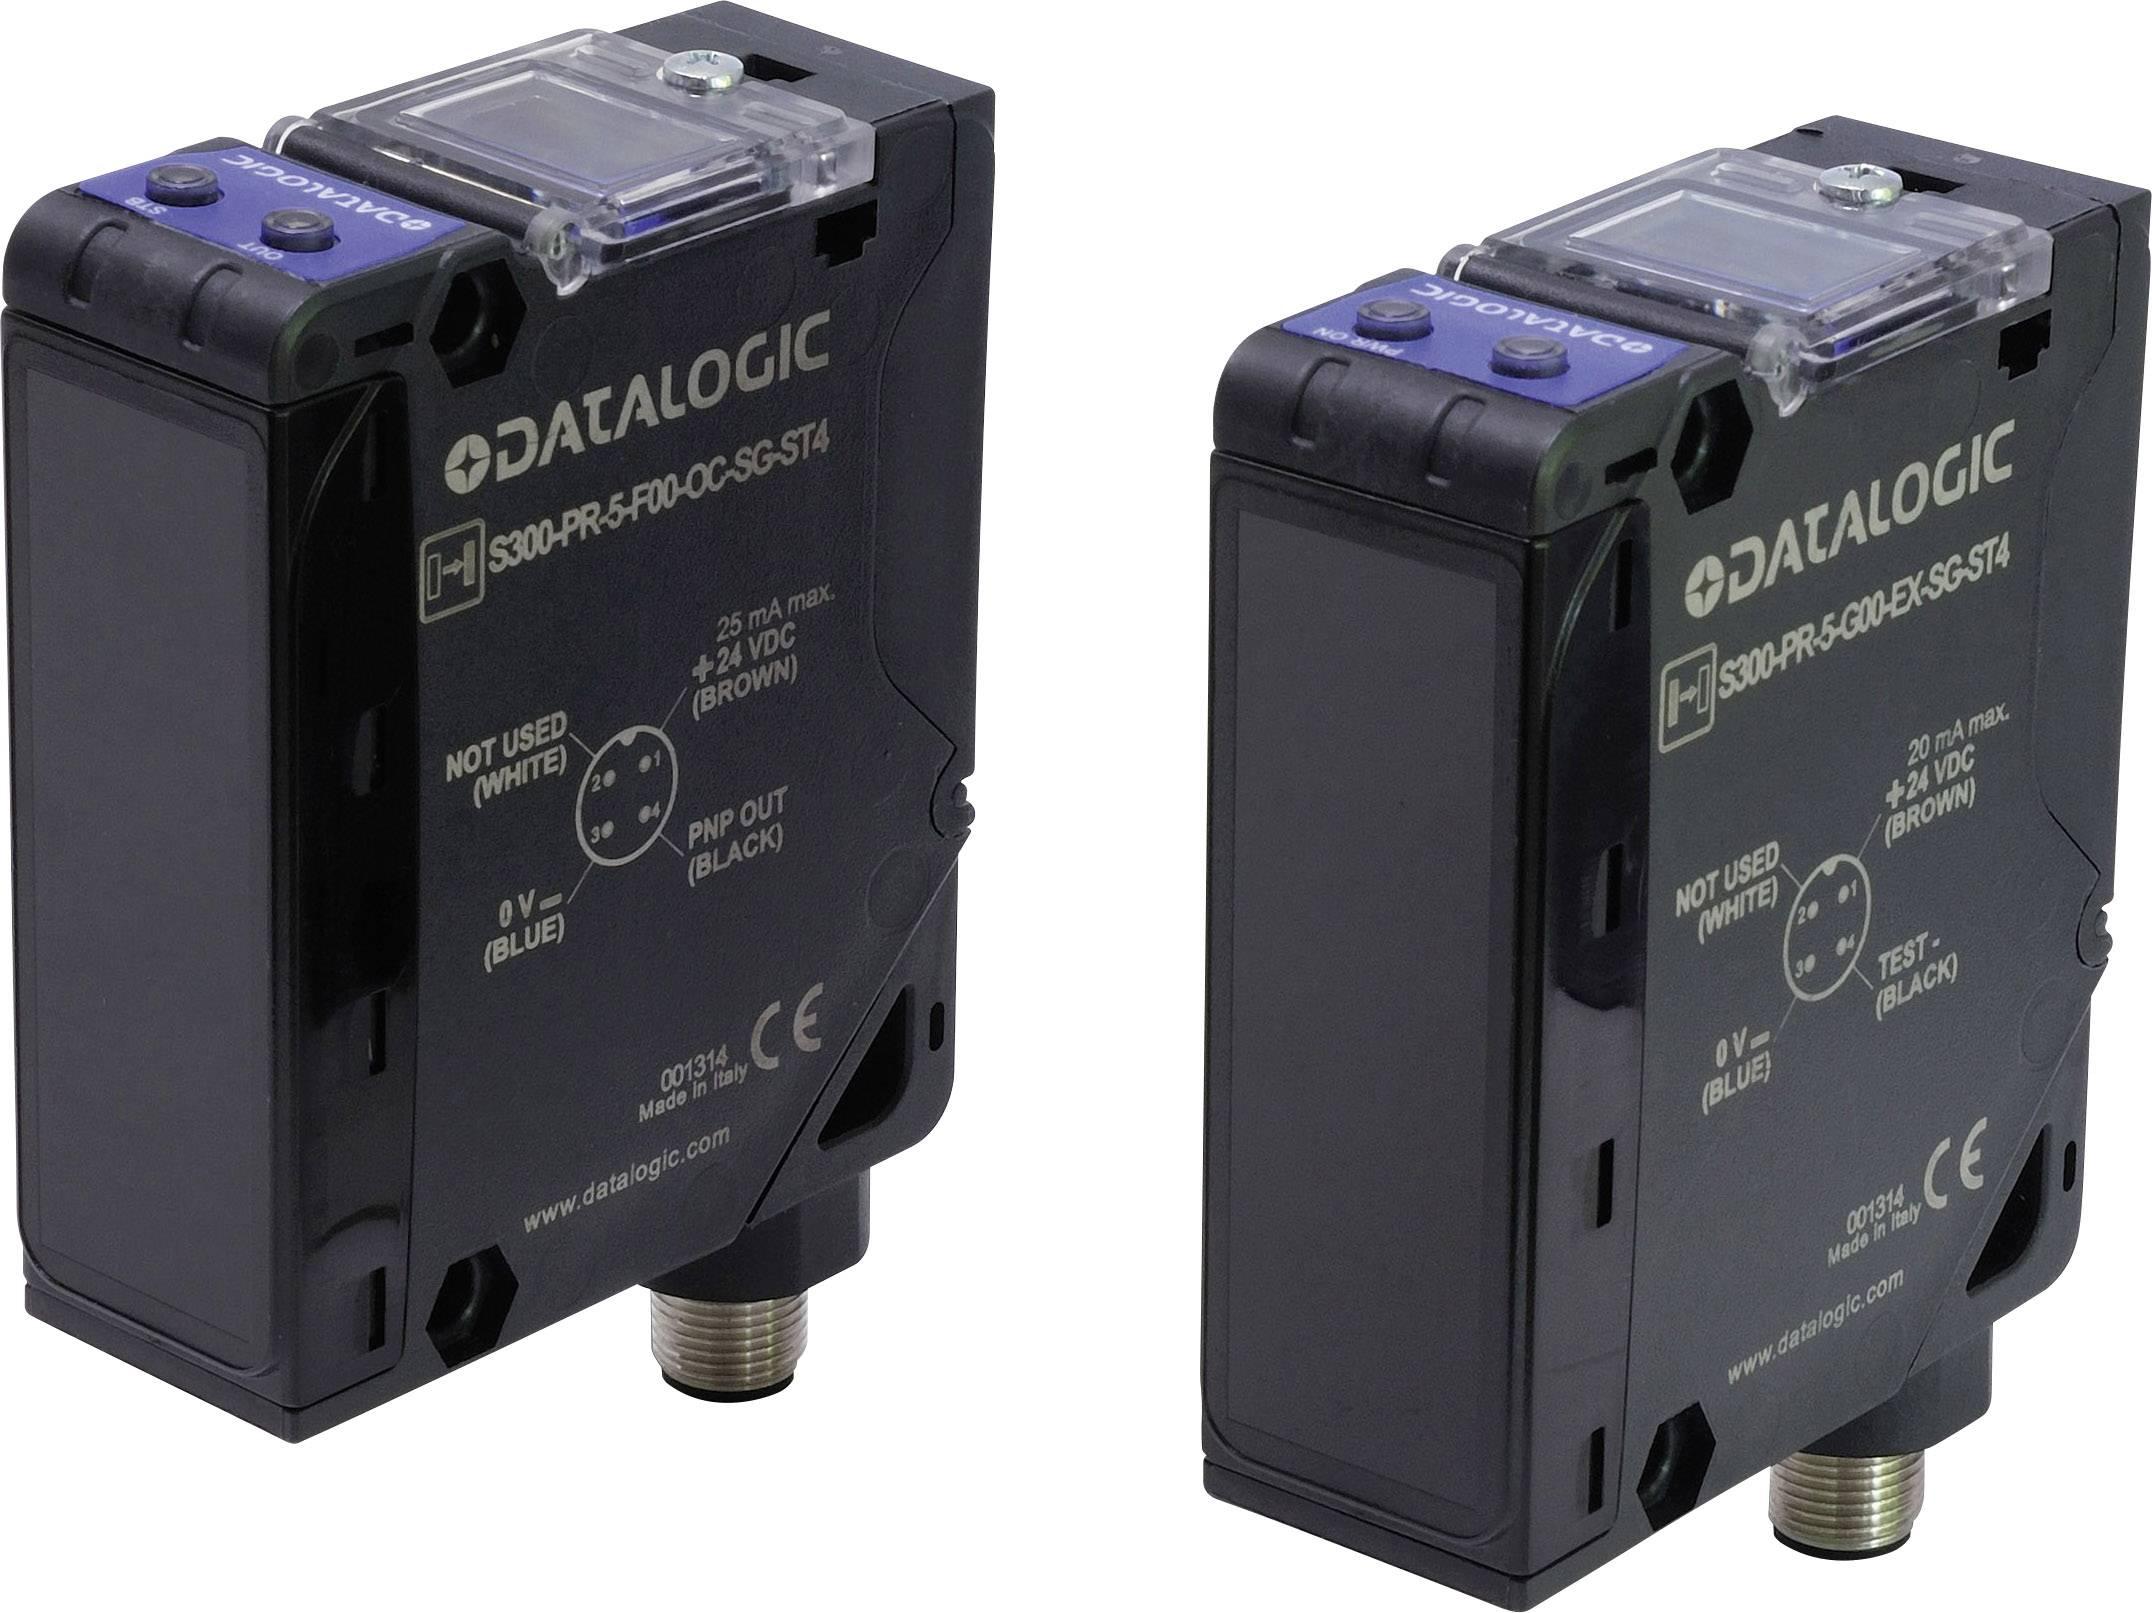 Reflexní světelná závora DataLogic S300-PR-1-M01-RX 951451180, Max. dosah 2.5 m